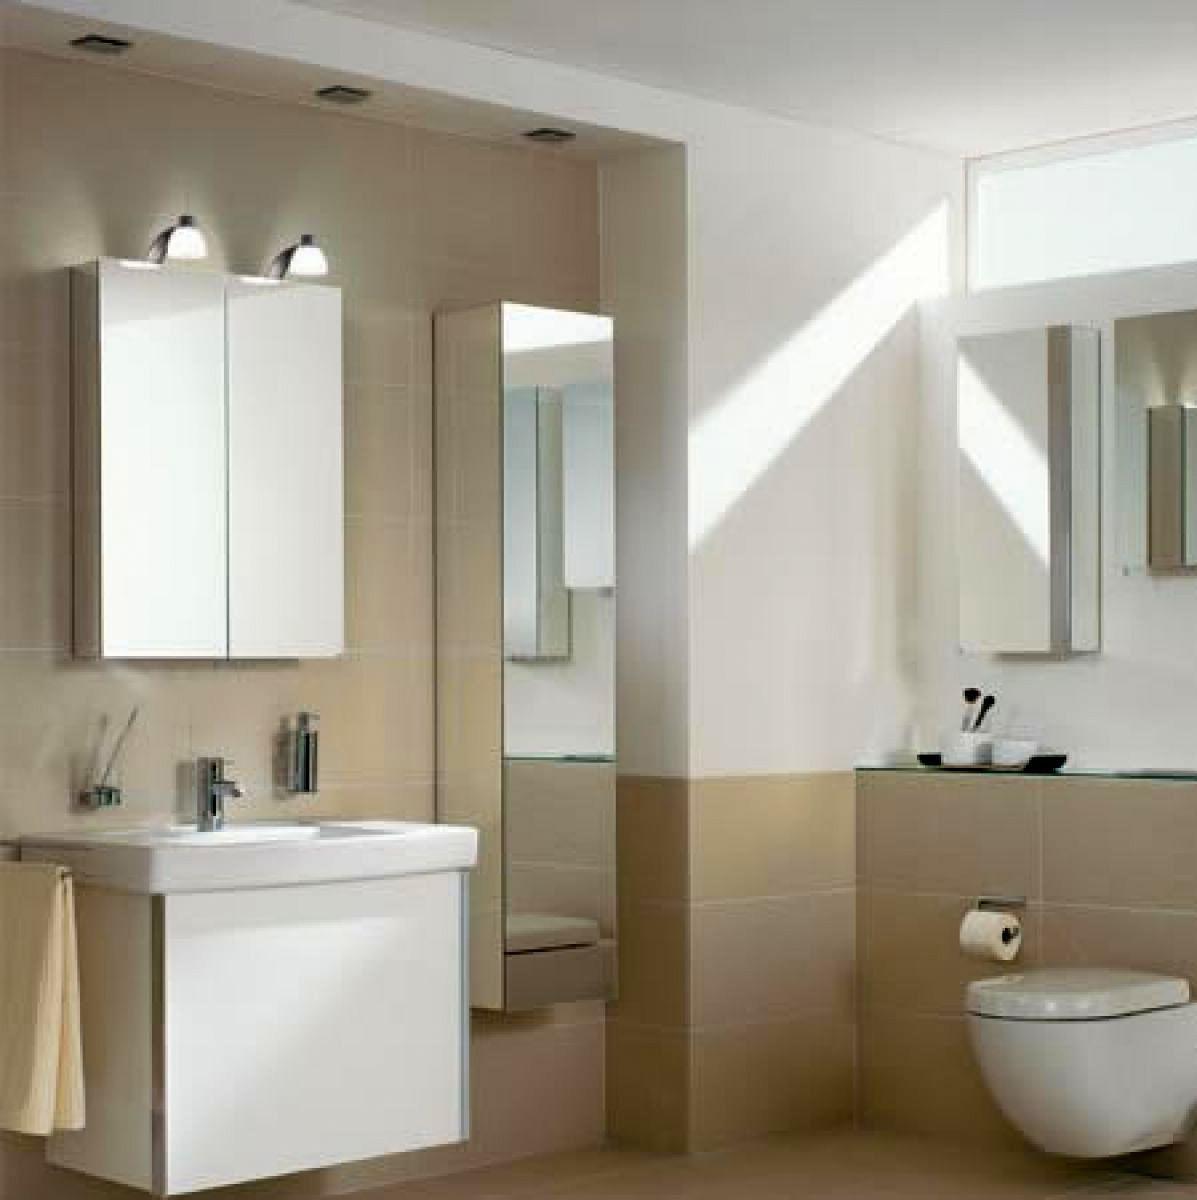 Spiegelschrank Fur Badezimmer Spiegelschrank Fur Badezimmer Home Verbesserung Besteht Aus Der Alles Badezimmer Schrank Badezimmer Spiegelschrank Badezimmer